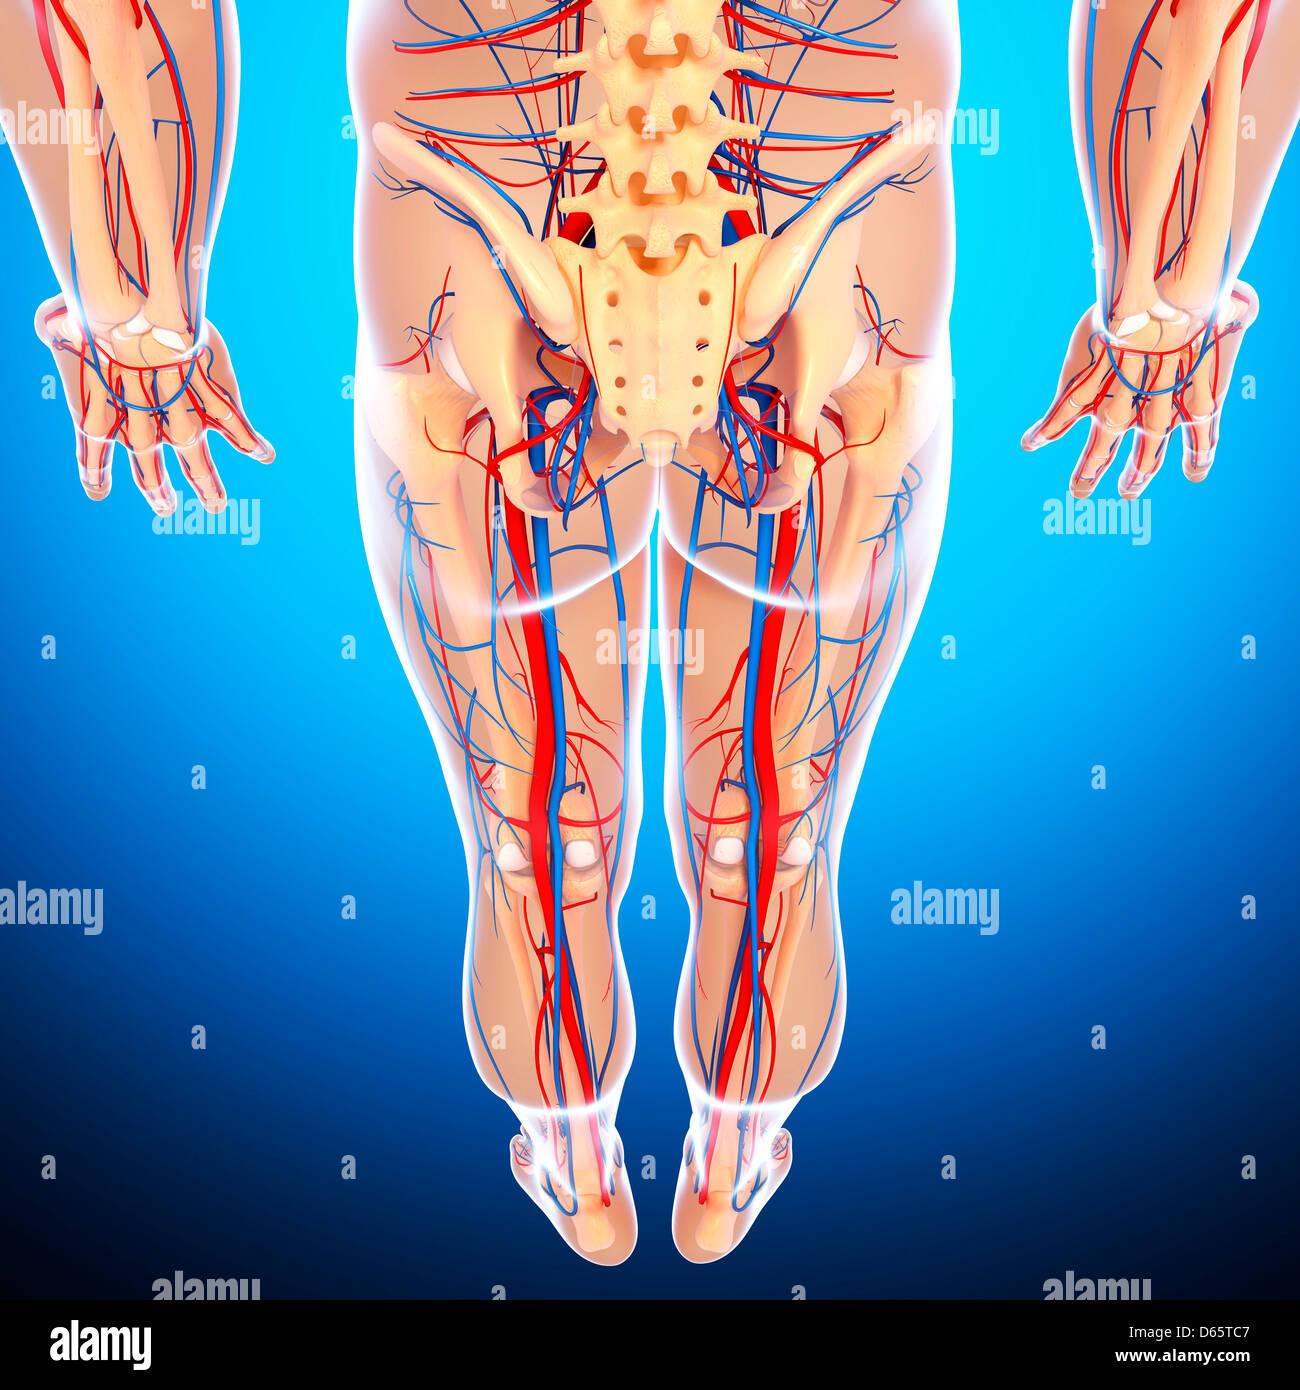 Asombroso Anatomía Del Cuerpo Inferior Foto - Anatomía de Las ...